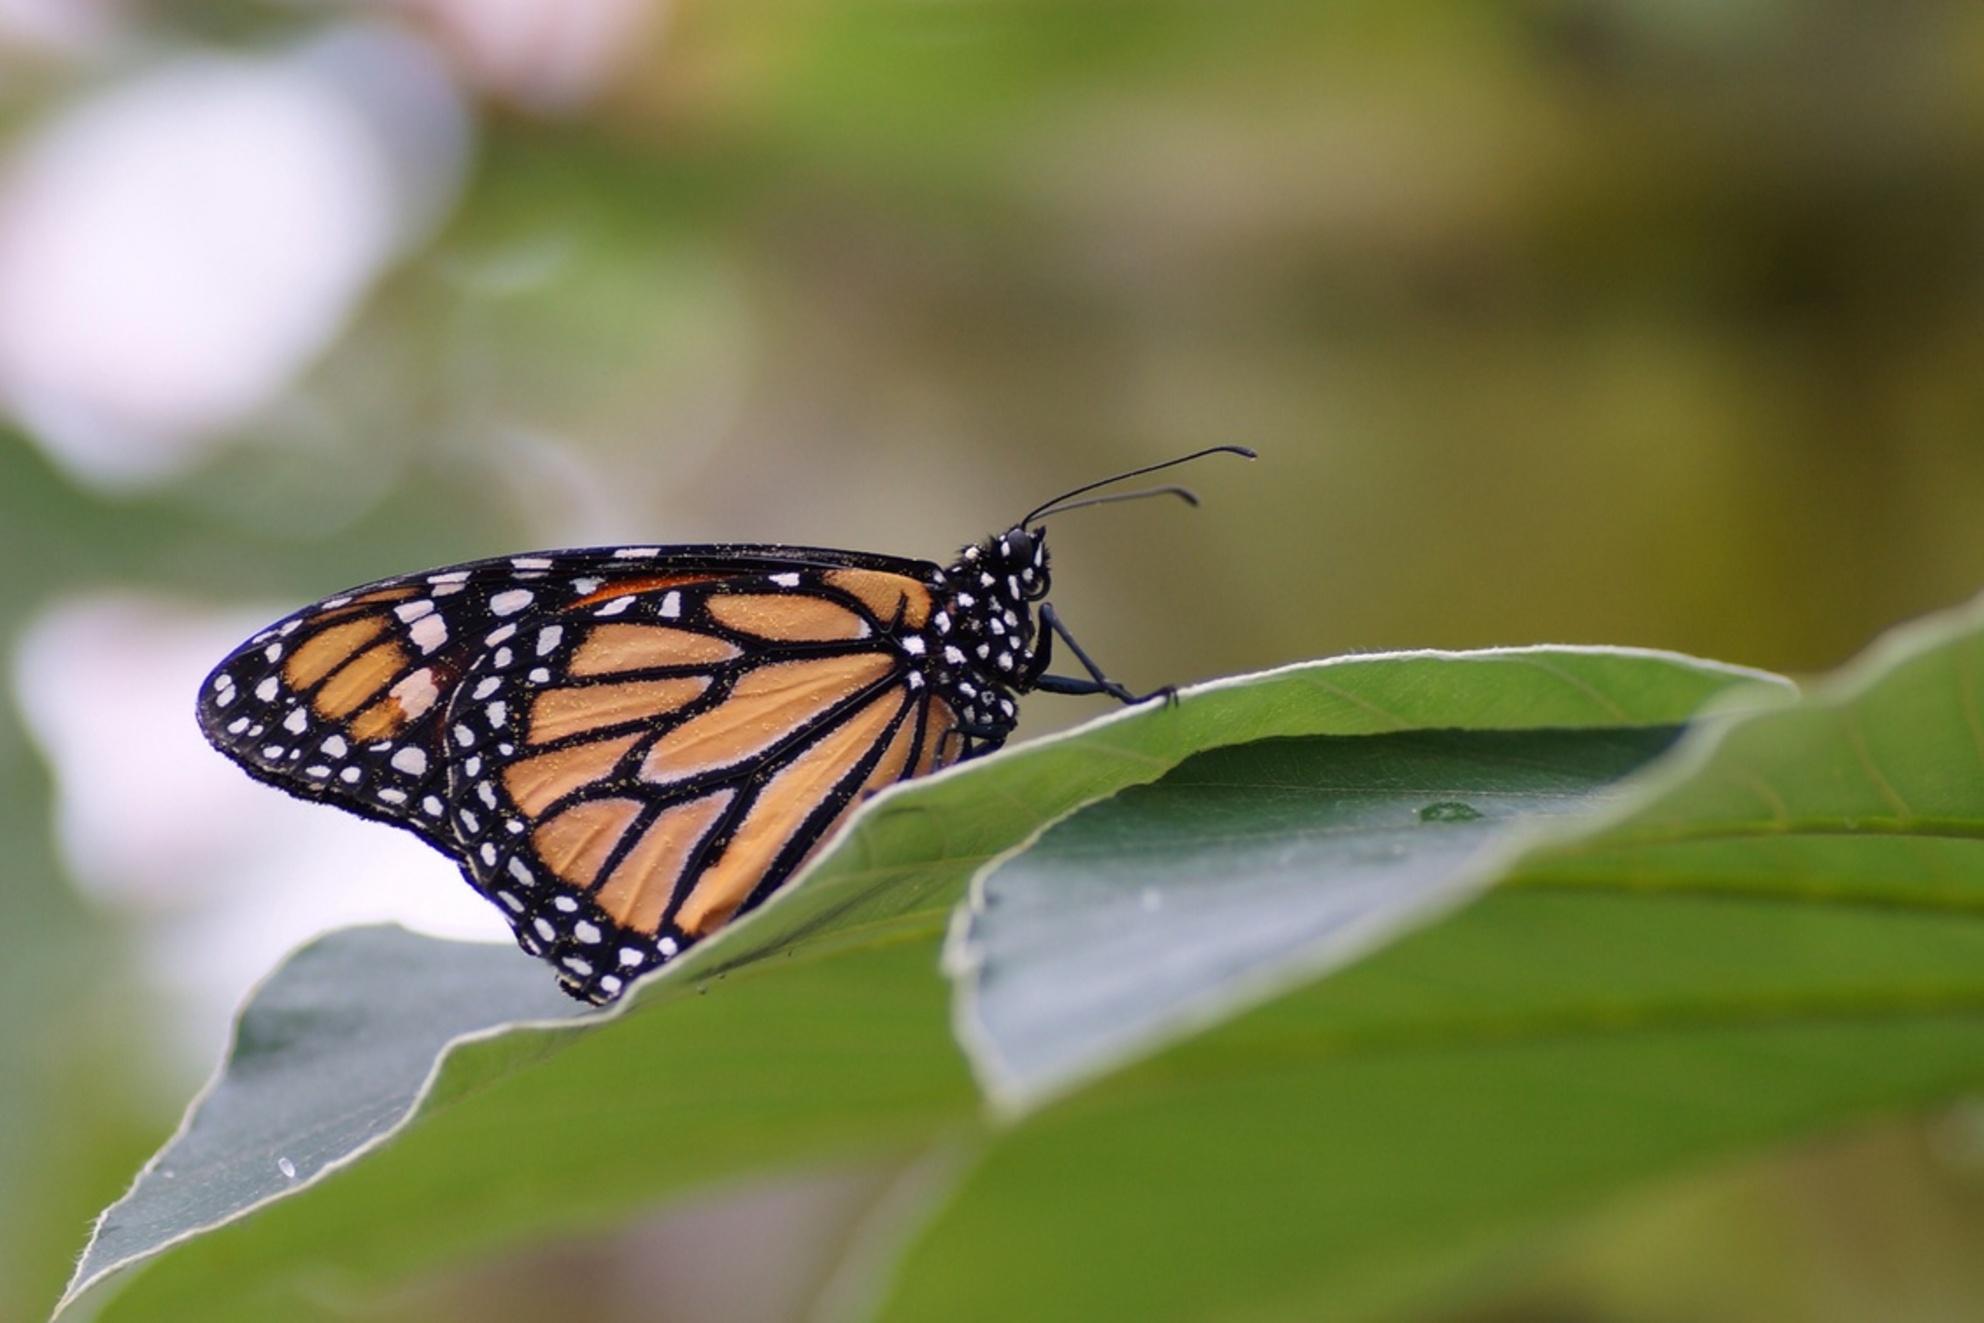 Vlinder - Ondanks het grijze weer is het in de vlindertuin in Blijdorp altijd genieten.  Bedankt voor de reacties op mijn vorige foto - foto door Bijke172 op 28-01-2014 - deze foto bevat: vlinder, blijdorp, vlindertuin - Deze foto mag gebruikt worden in een Zoom.nl publicatie